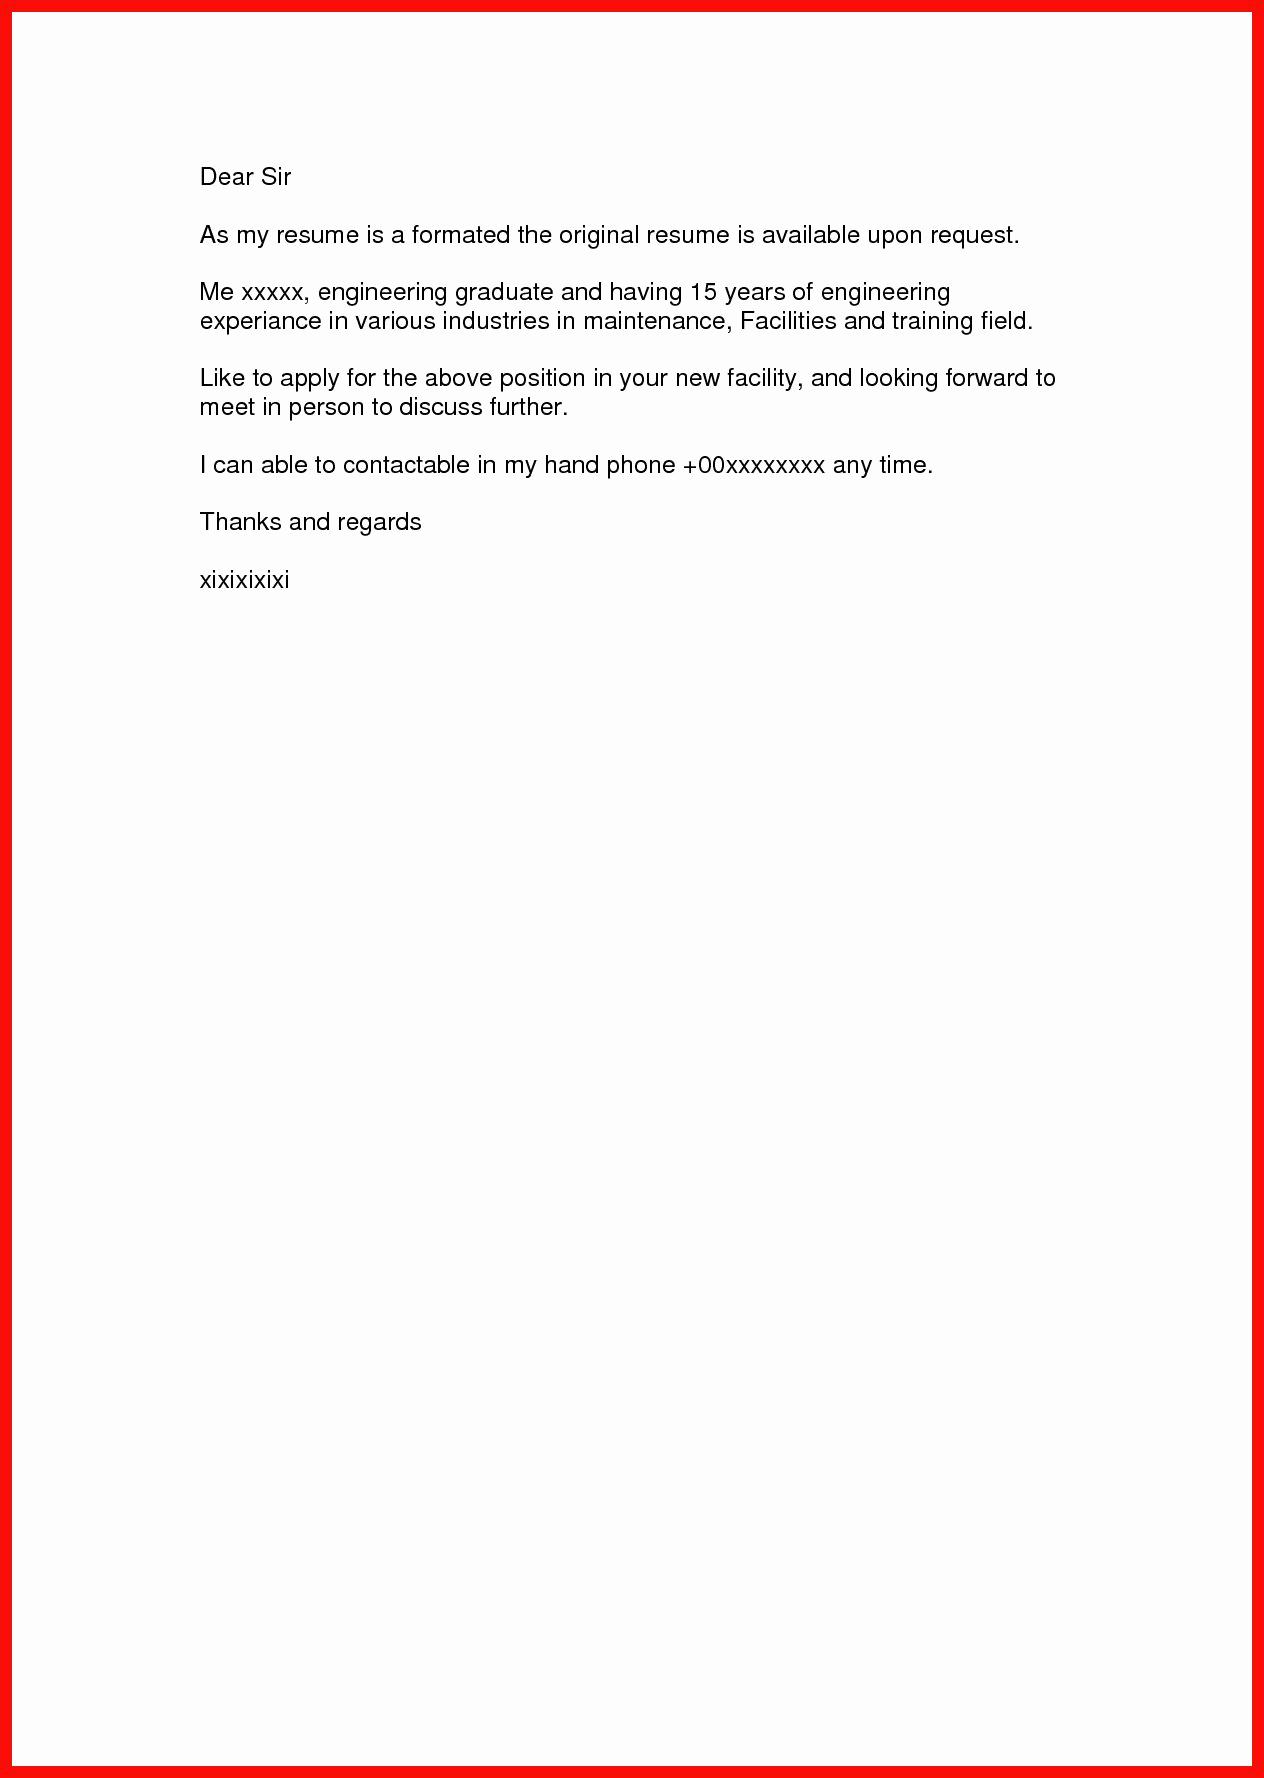 Short Cover Letter Sample Inspirational 23 Short Cover Letter Cover Letter Resume